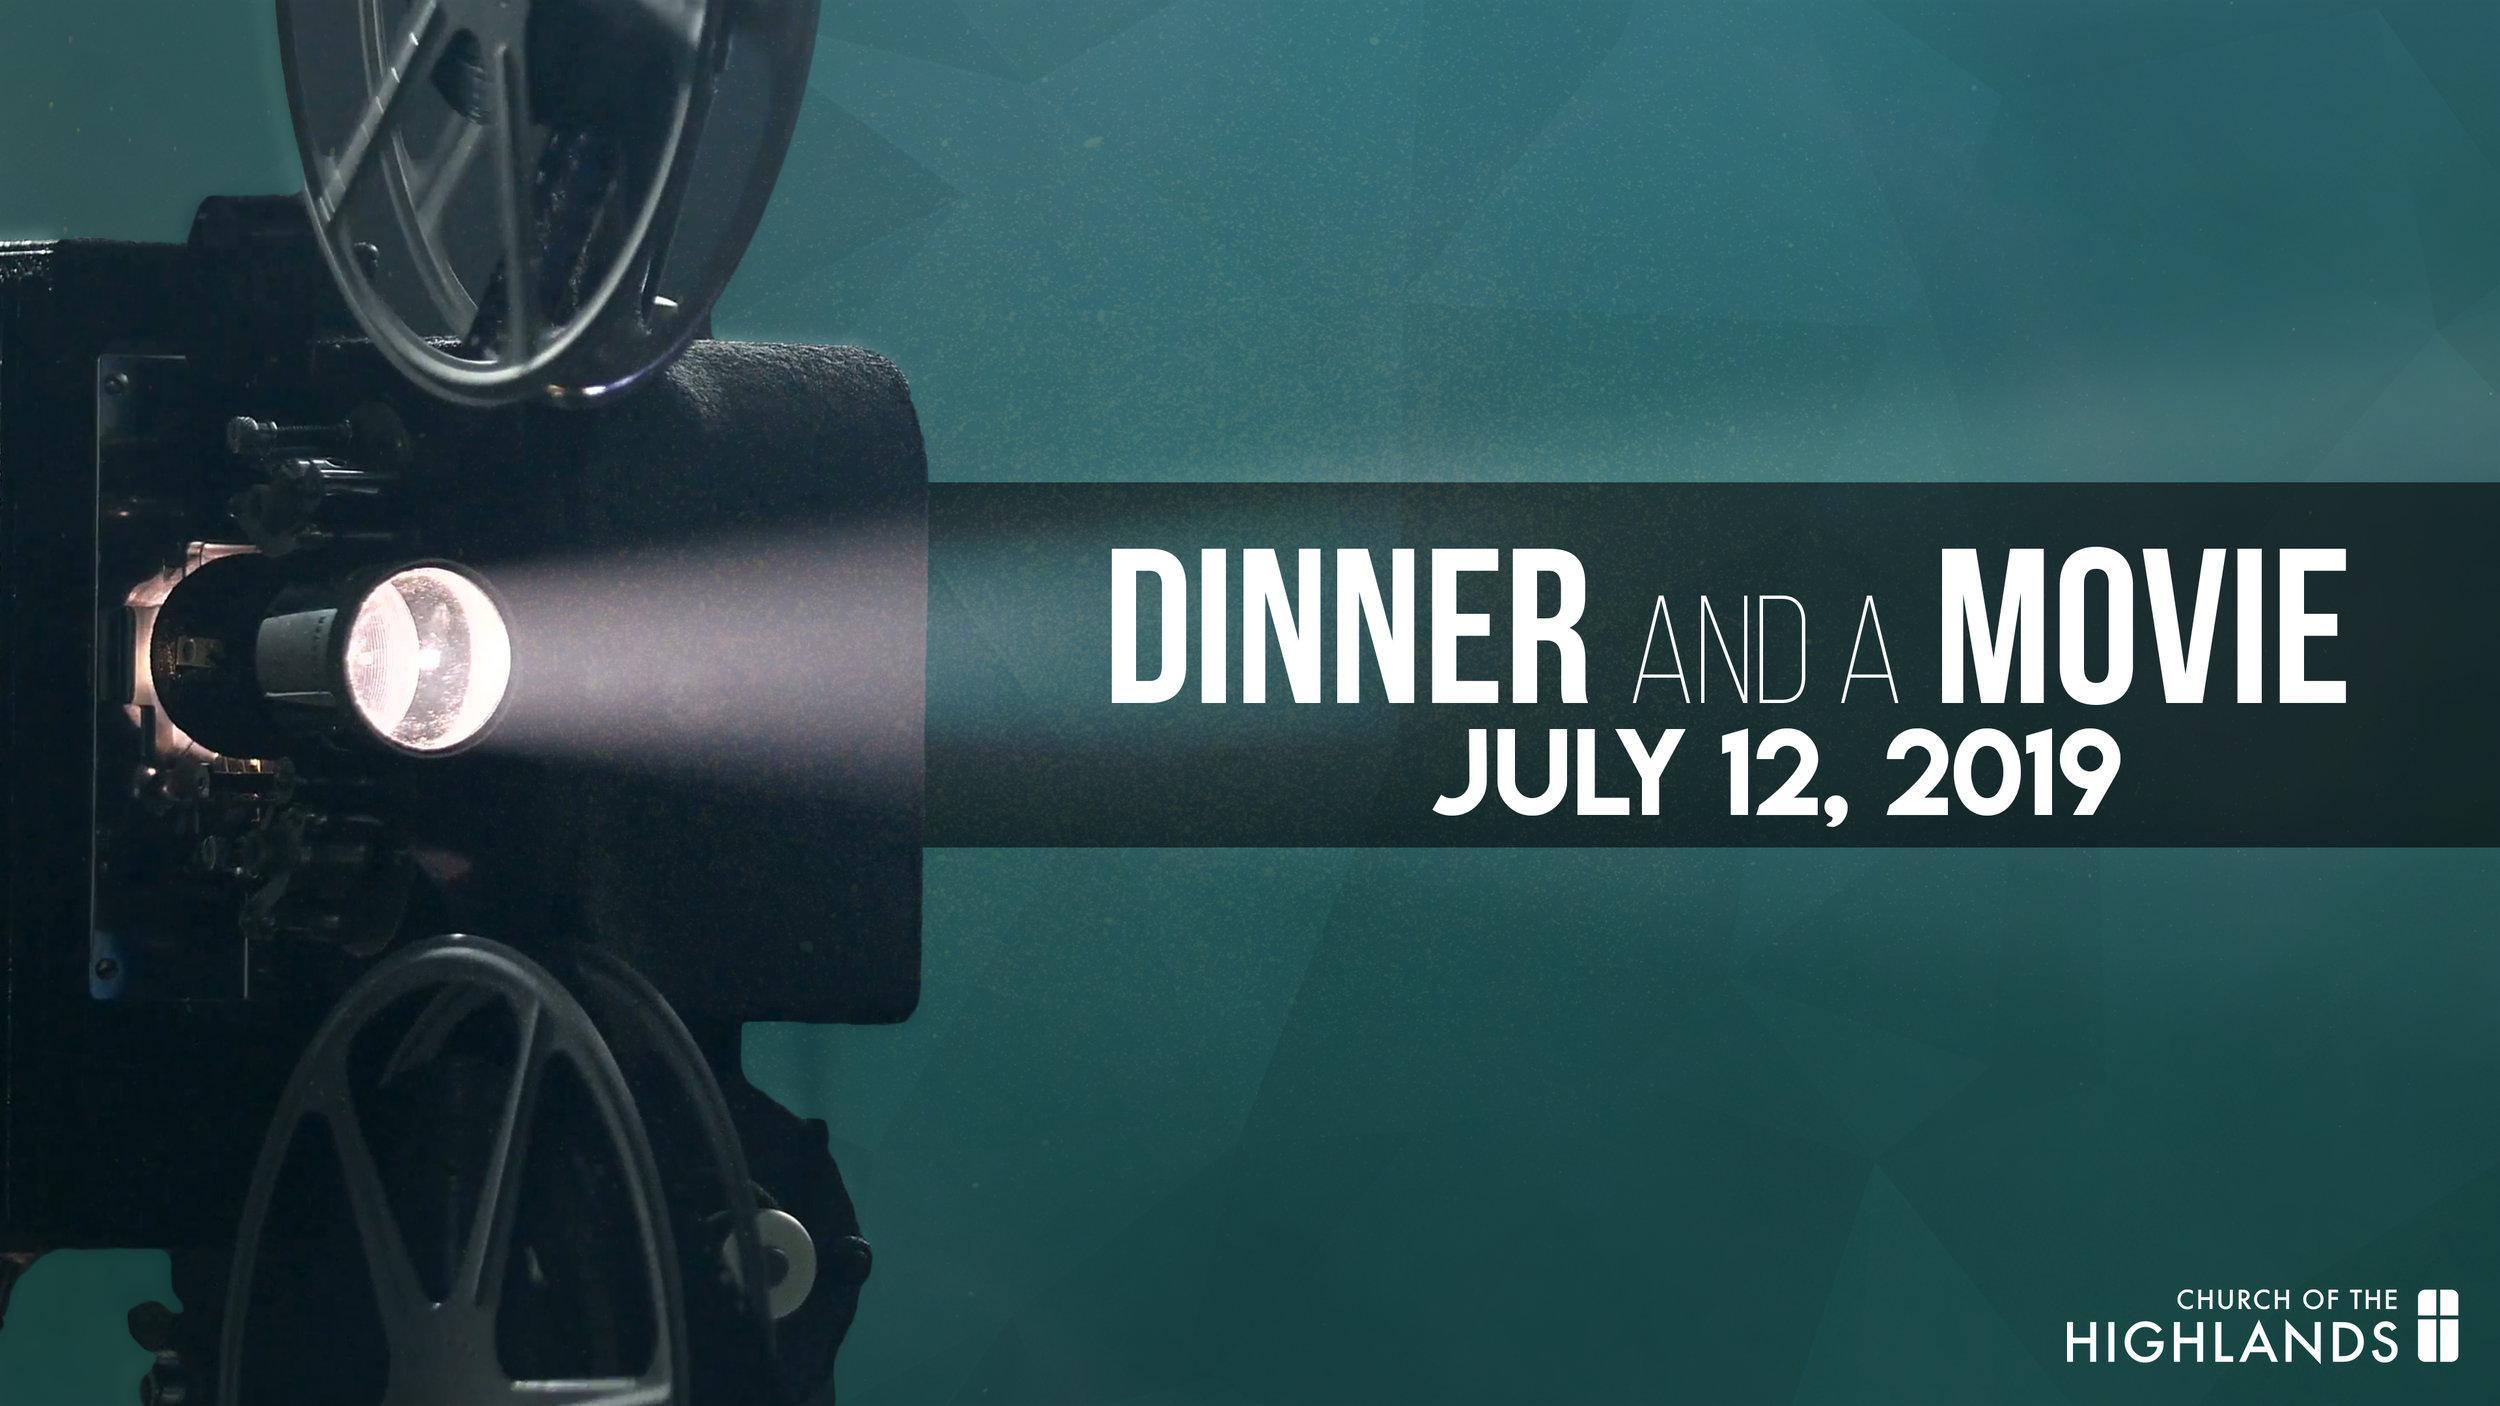 2019-DinnerMovie-3840x2160.jpg